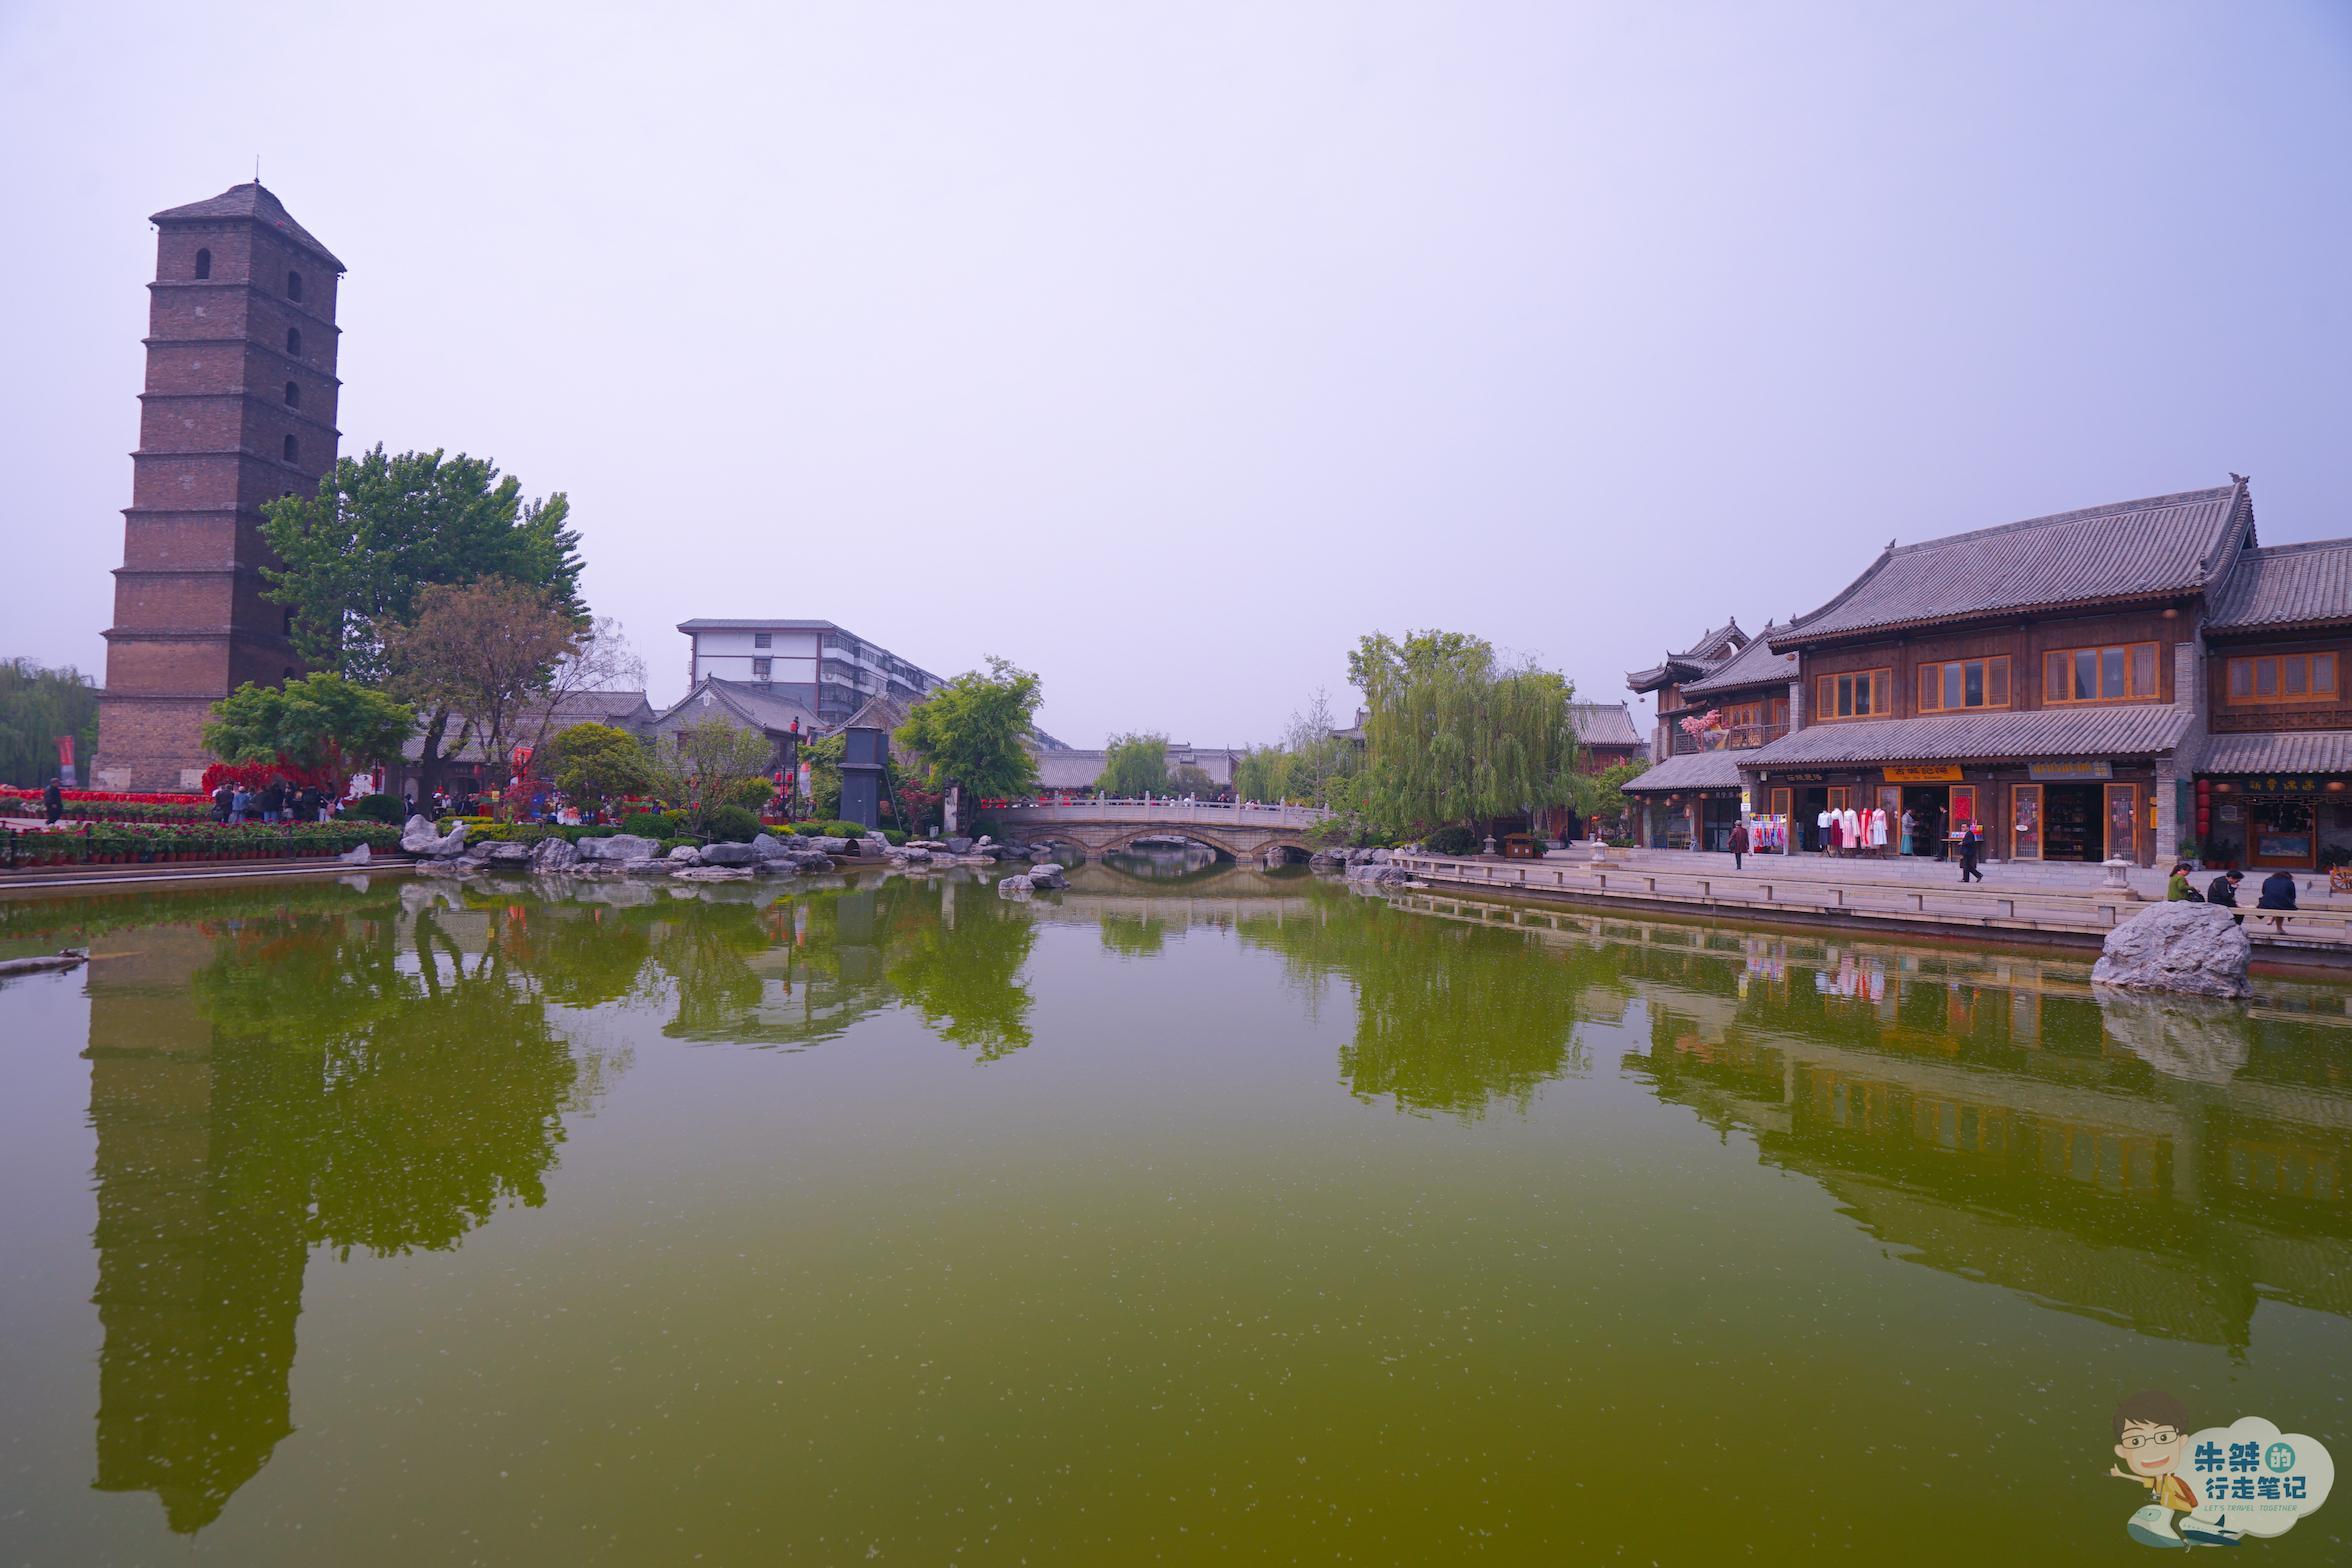 洛阳广受好评的新晋景点让世界看到中国文化之美游客可免费入园